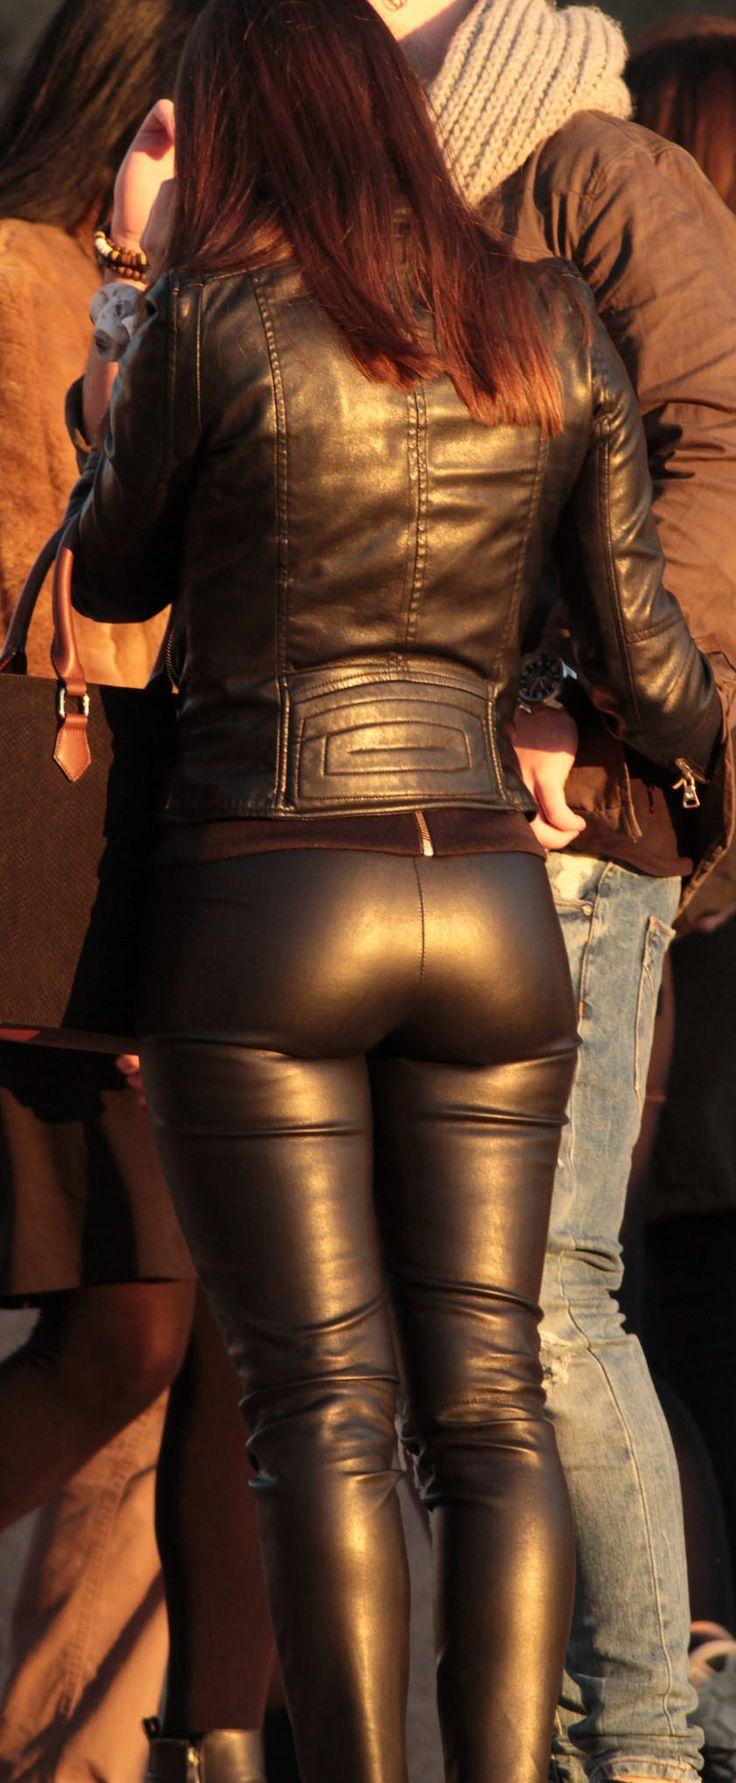 Pin Von Adis Cipliner Auf Everyday Sexy Women In Leather -7967